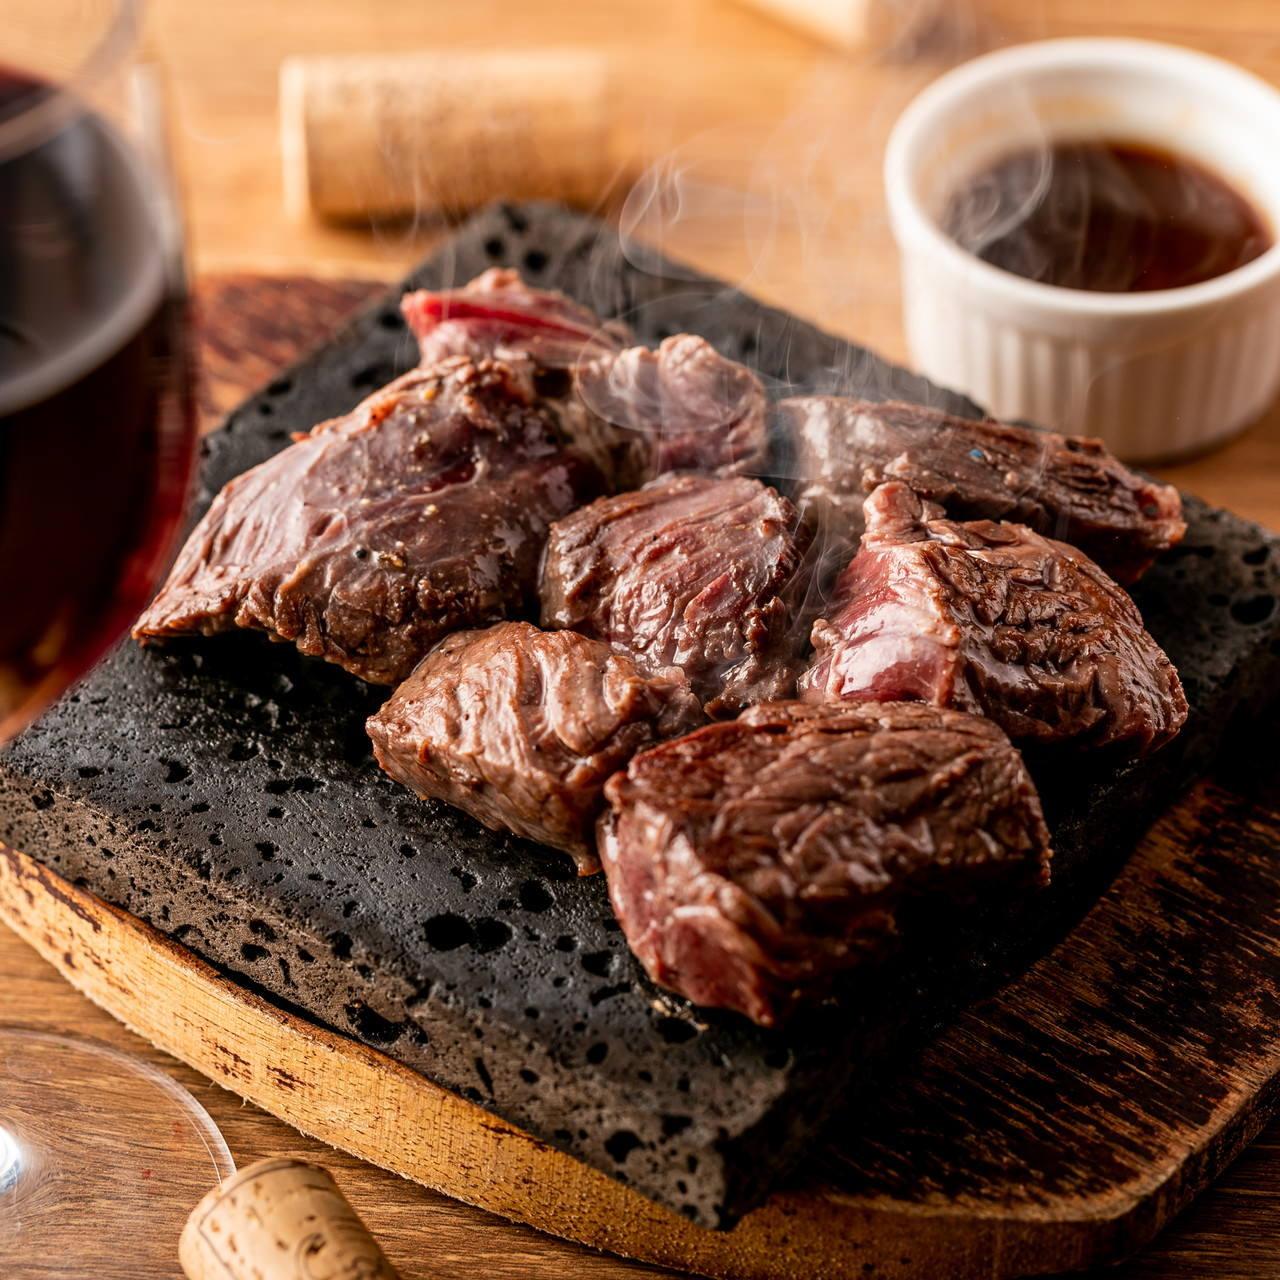 ★牛ハラミの溶岩焼き★柔らかく、溢れる肉汁が味わい深い一品!